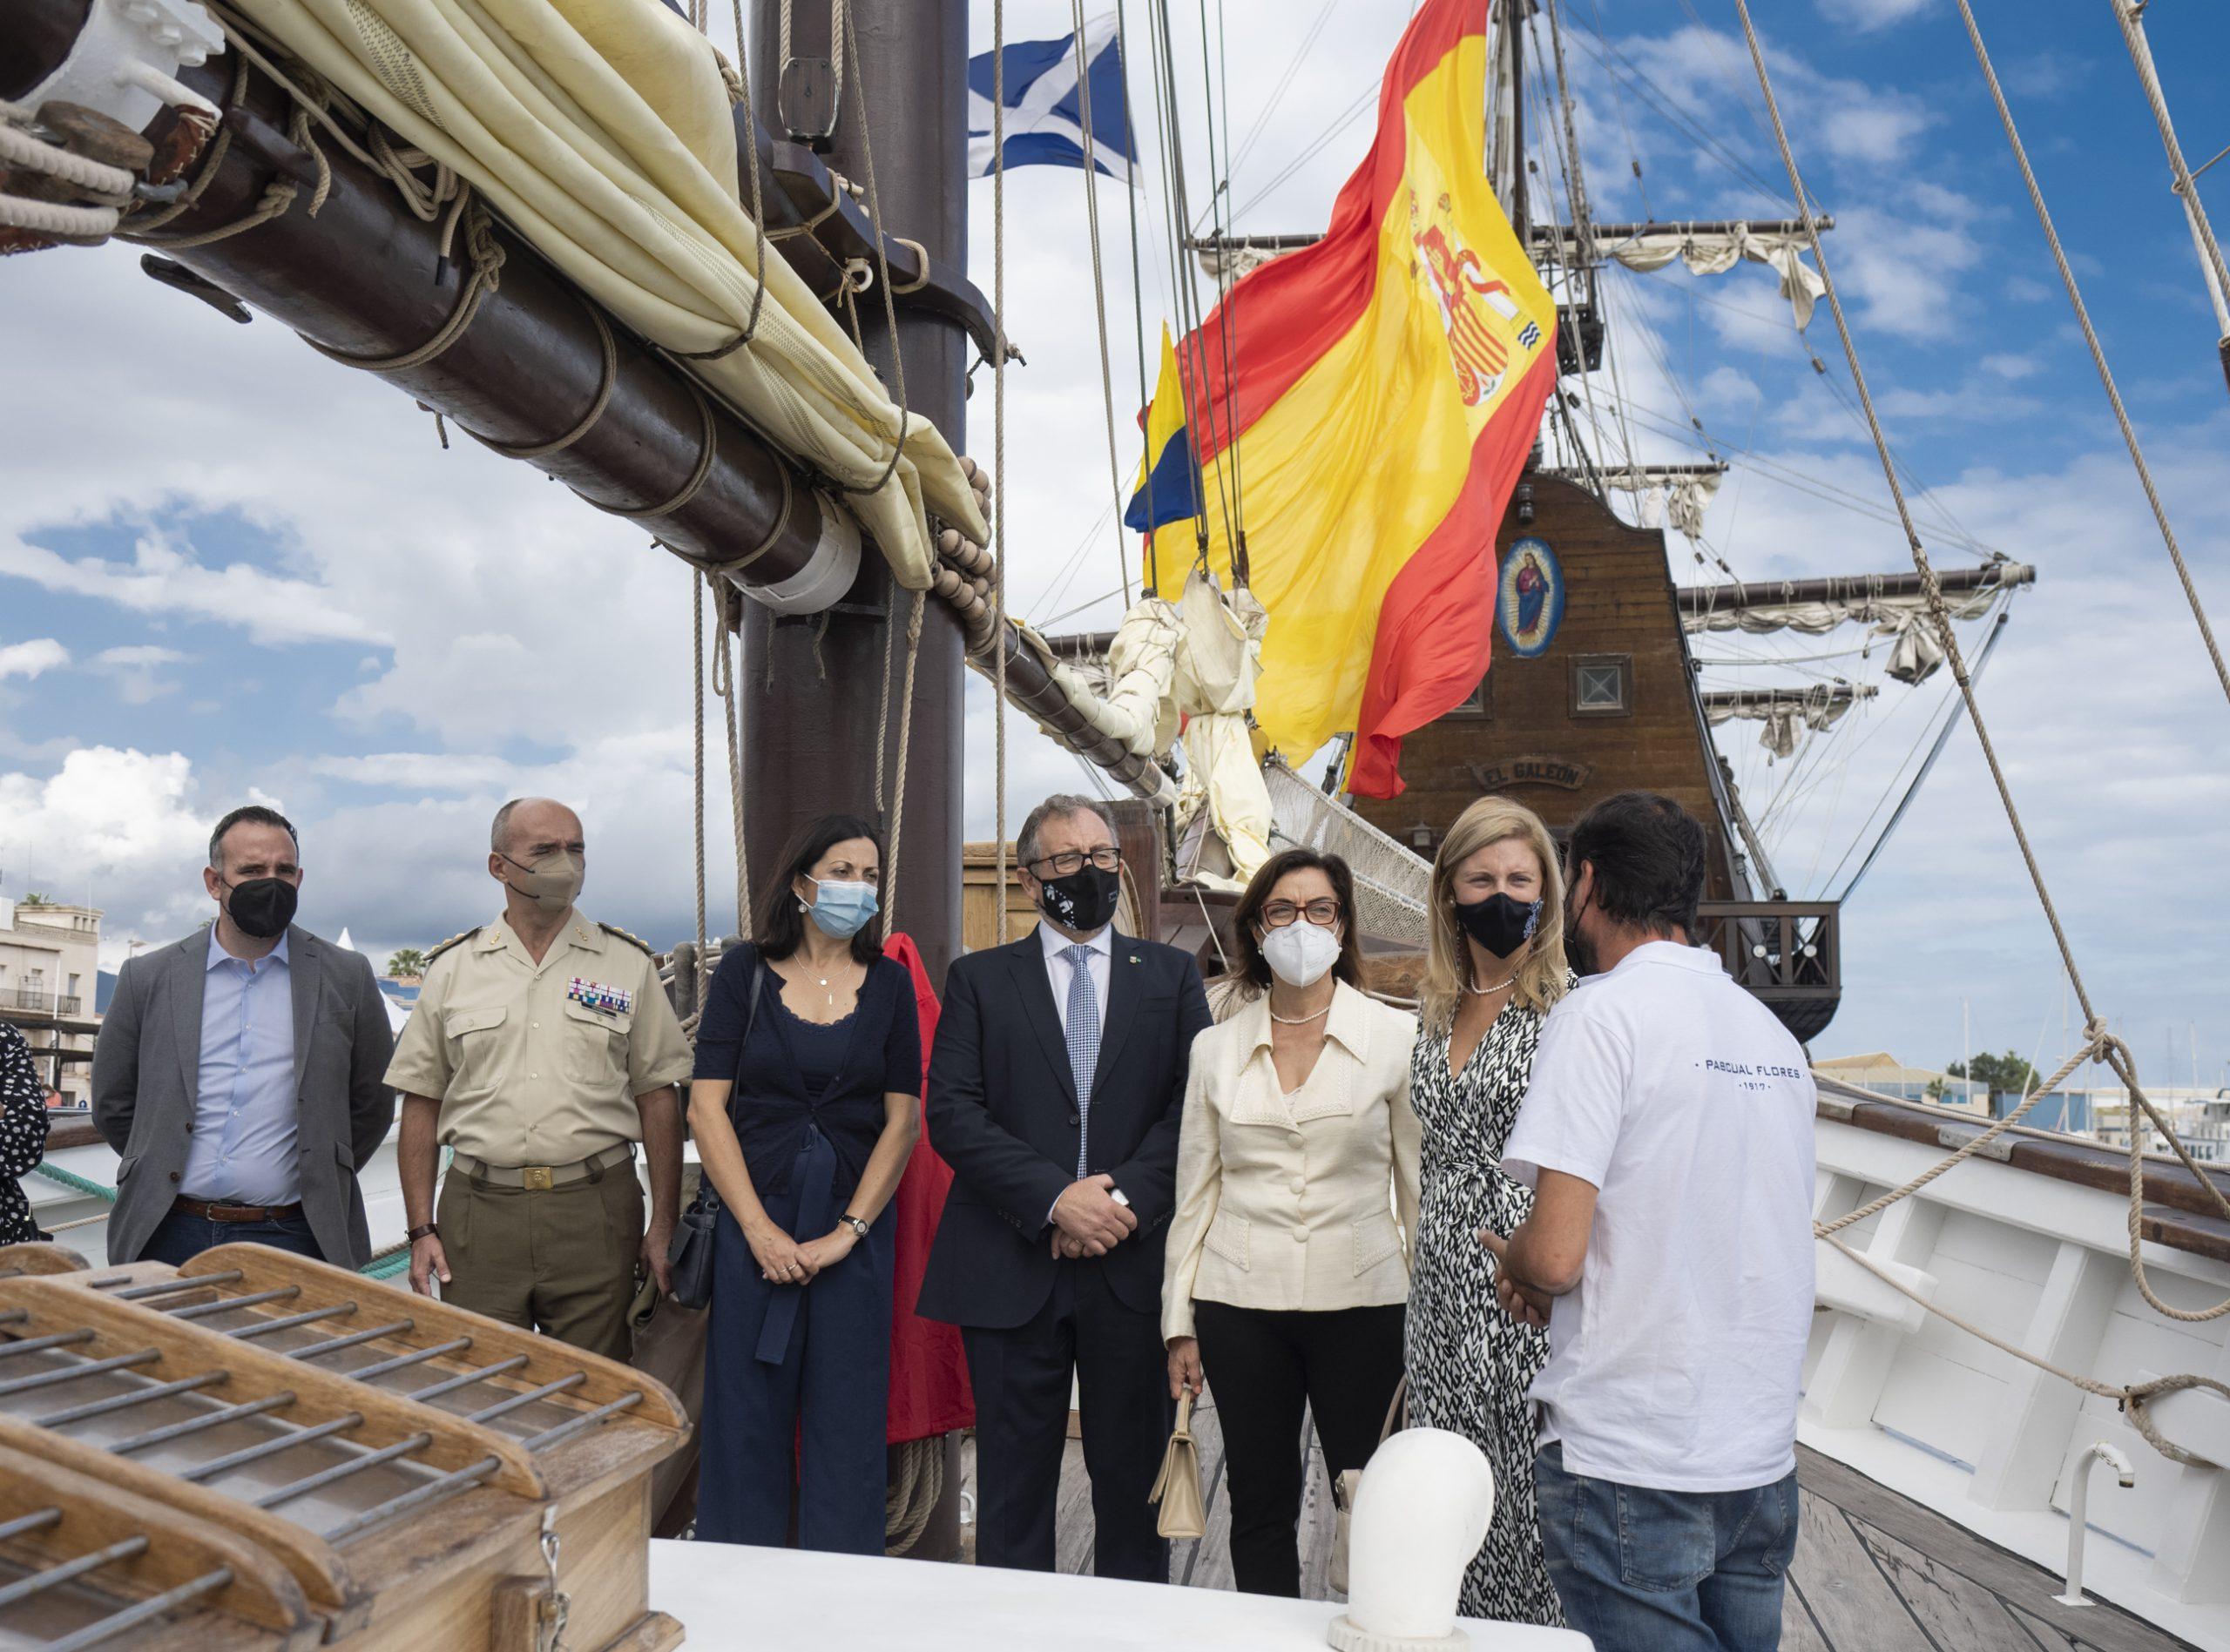 José Martí visita la IV edición de Escala a Castelló, que cuenta con cuatro navíos históricos en PortCastelló